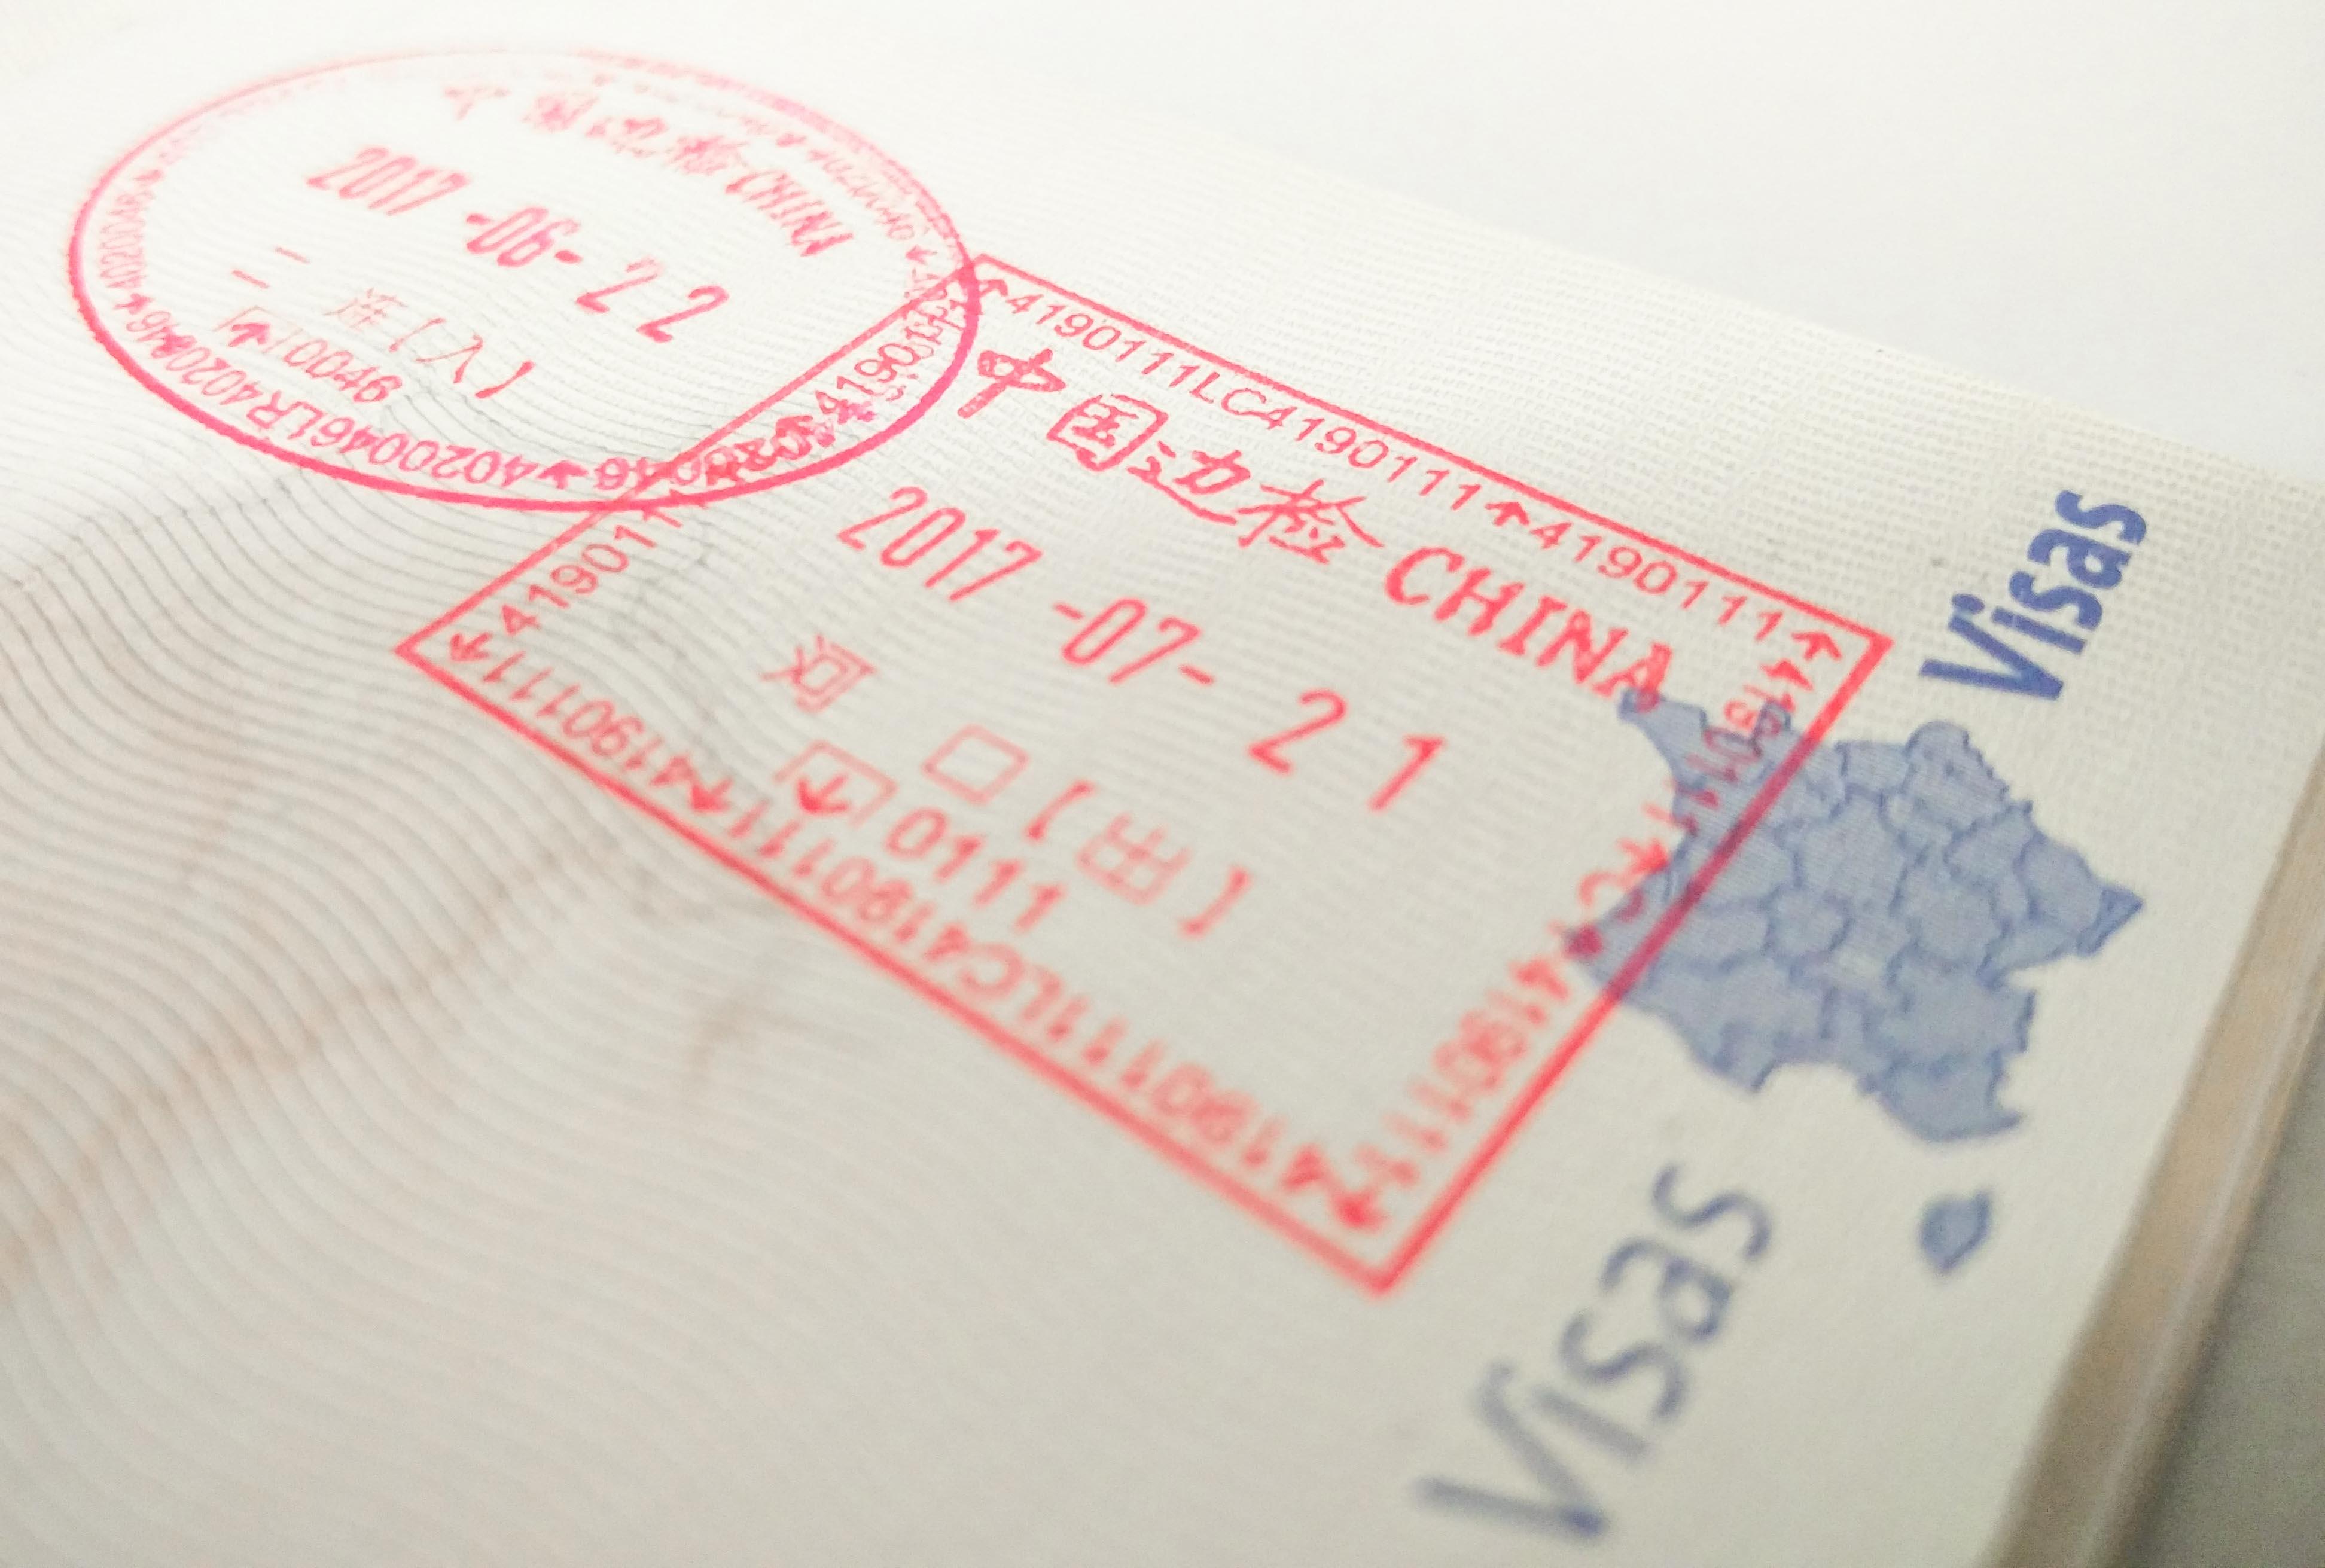 Nos conseils pour obtenir le visa touriste en Chine @neweyes